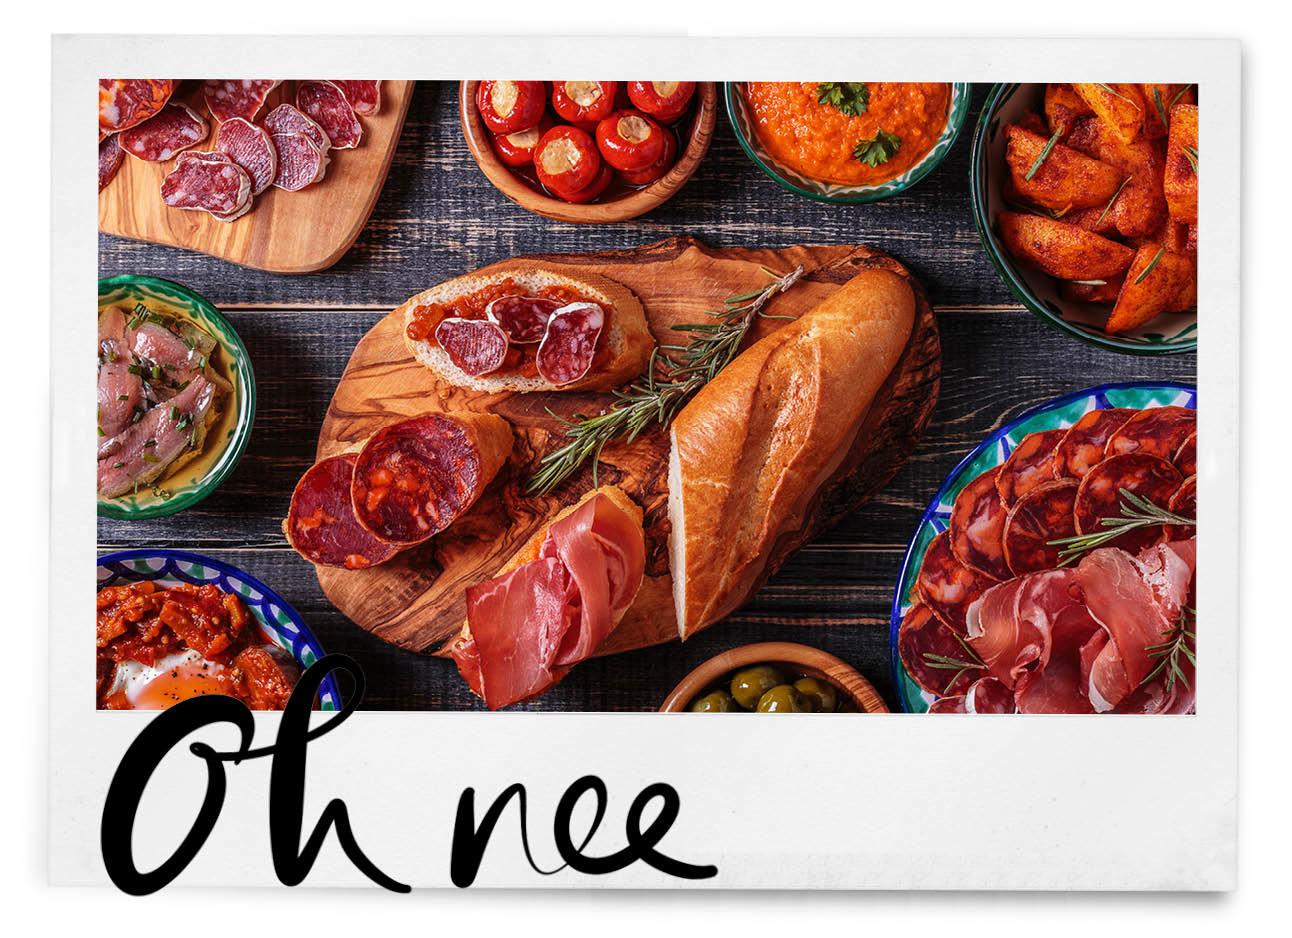 tafel vol spaanse gerechten, vlees, brood